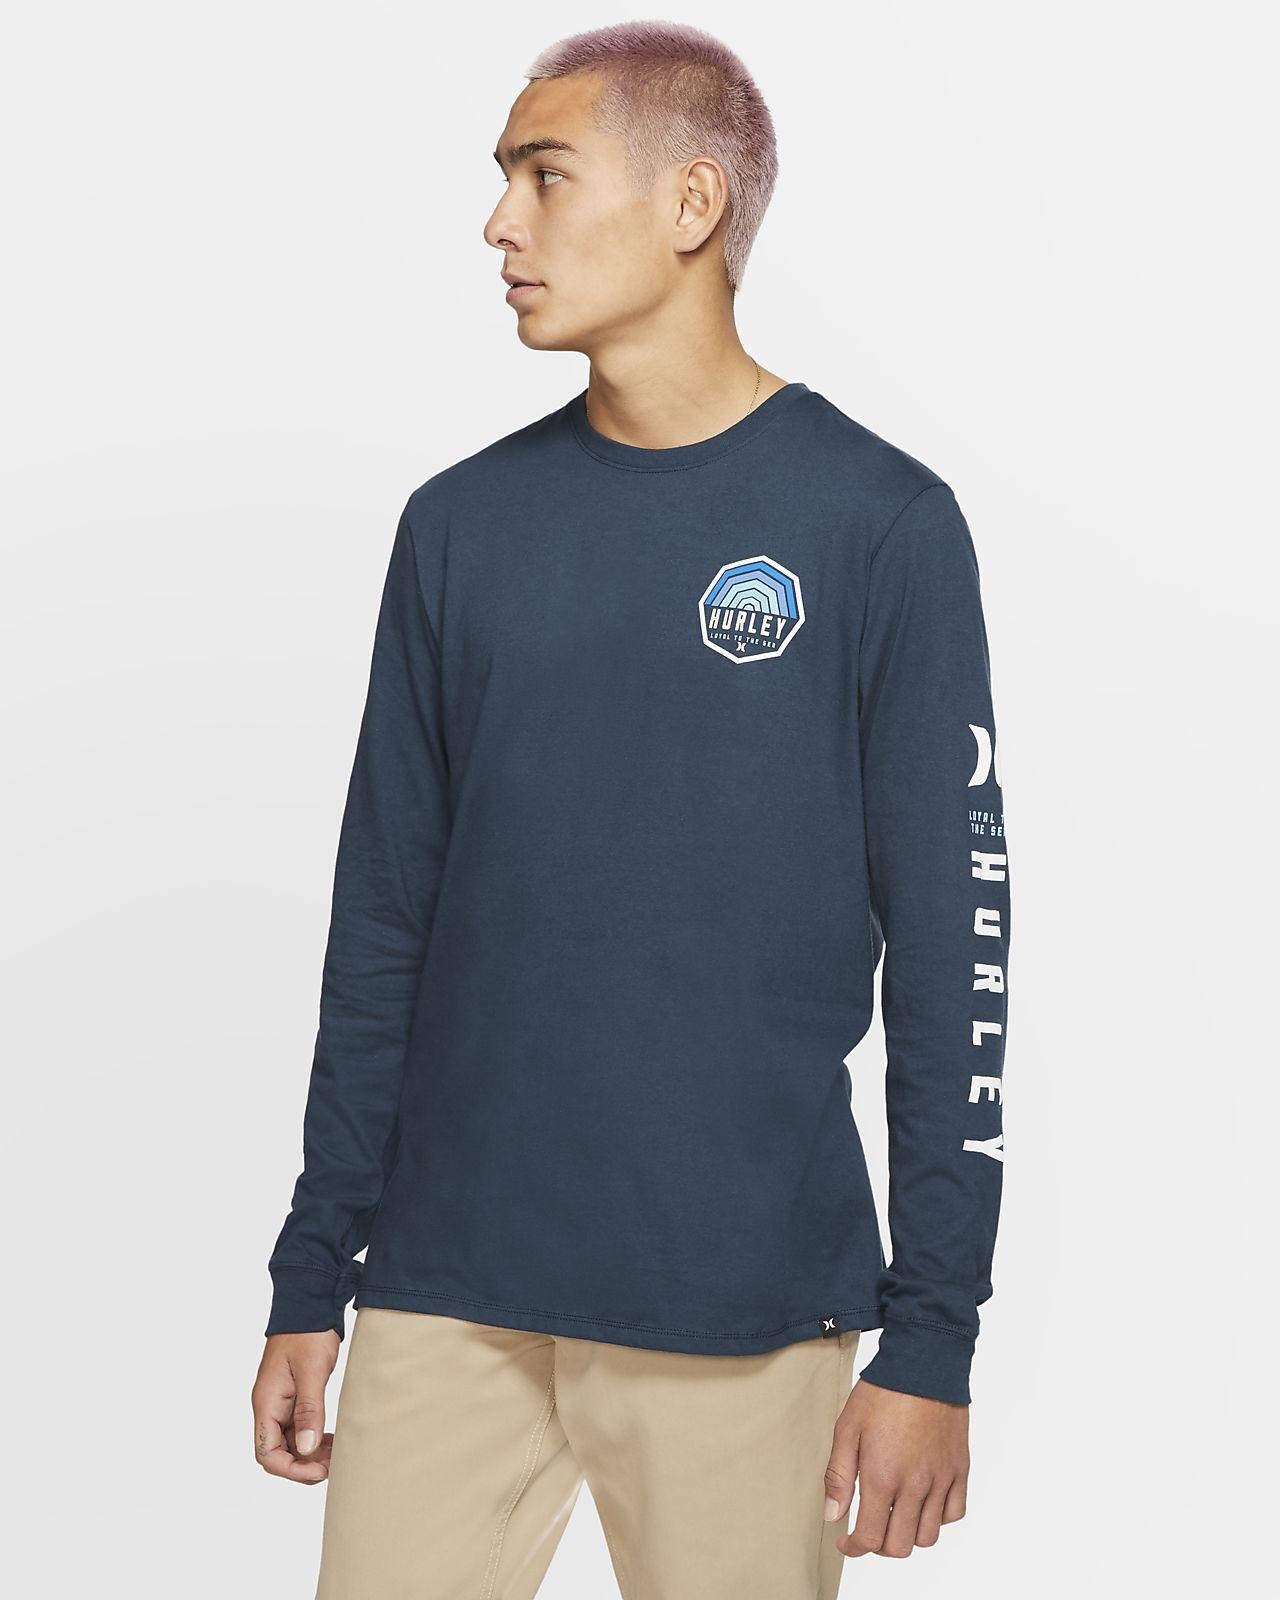 Hurley Premium Hexer Men's Long-Sleeve T-Shirt